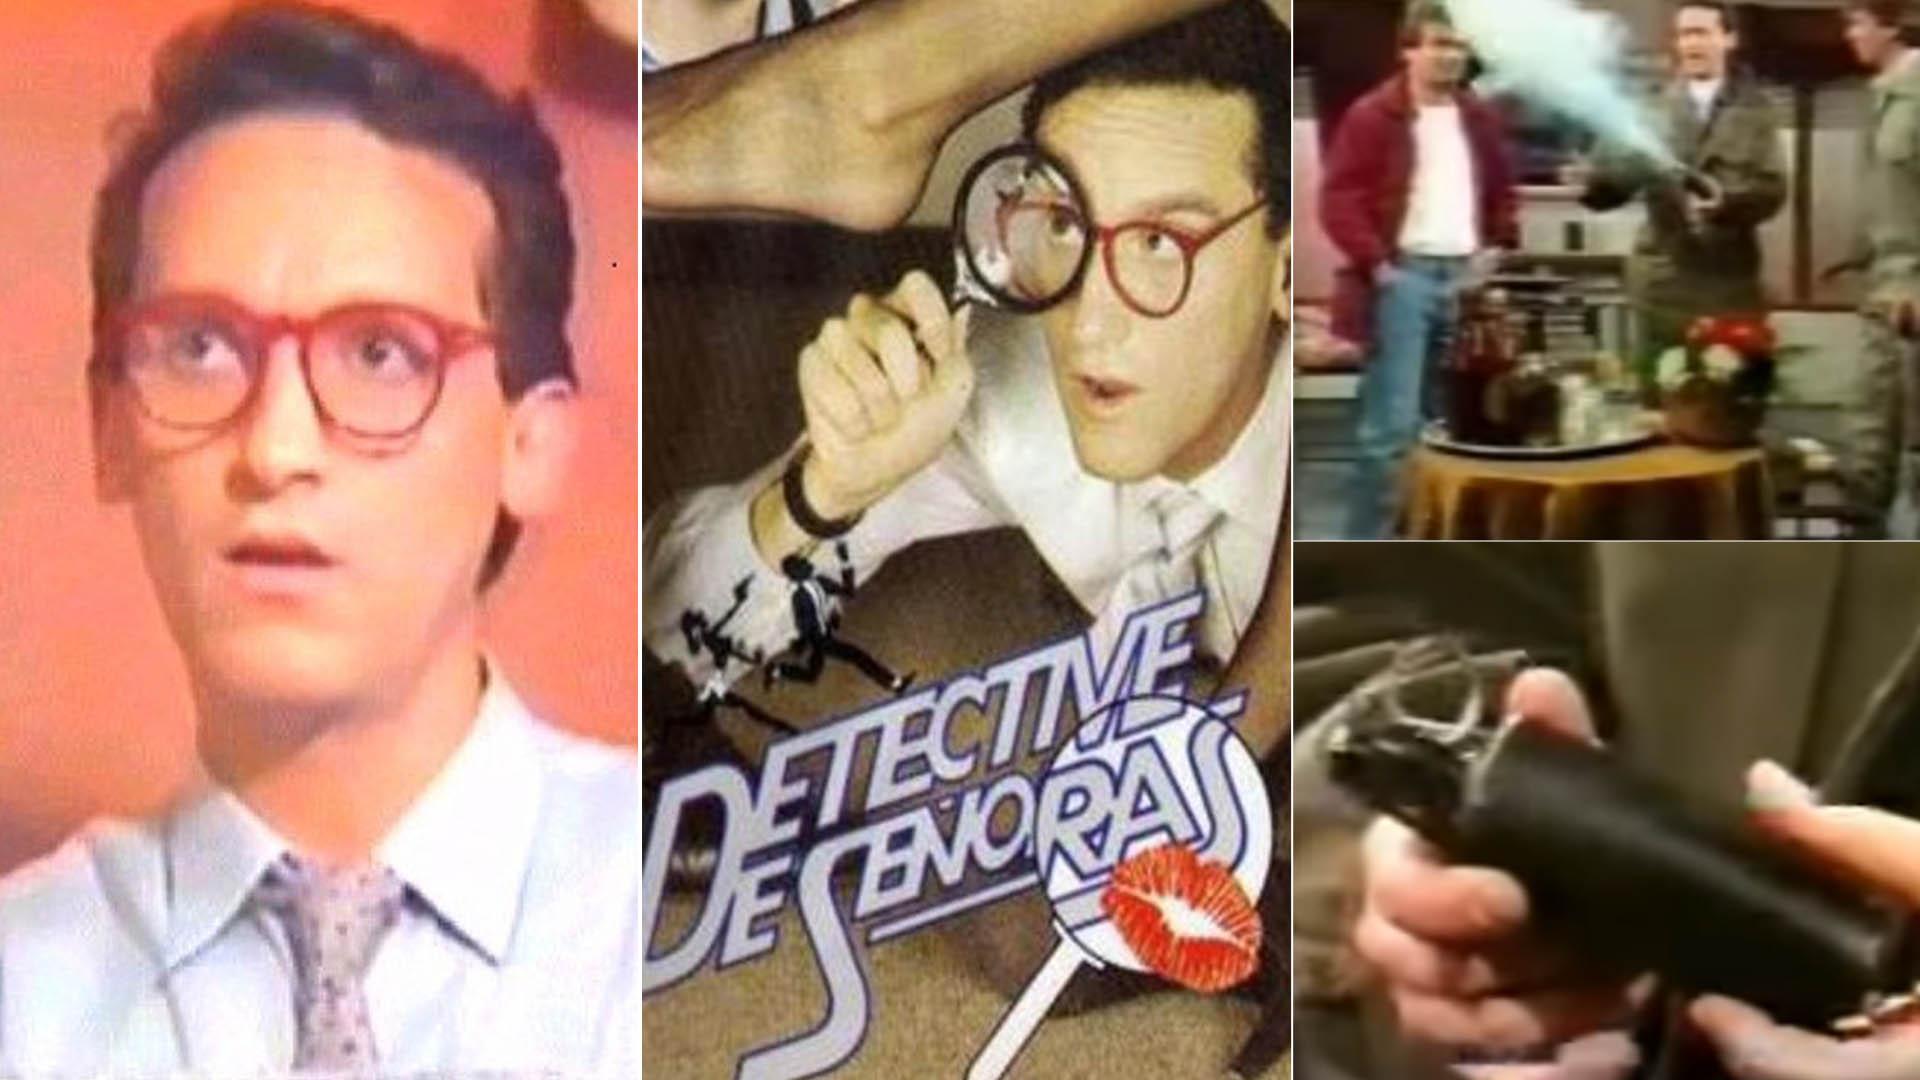 Actriz Porno De Los 80 Fallecida Prematuramente el caso fatal del actor césar pierry: le explotó una granada